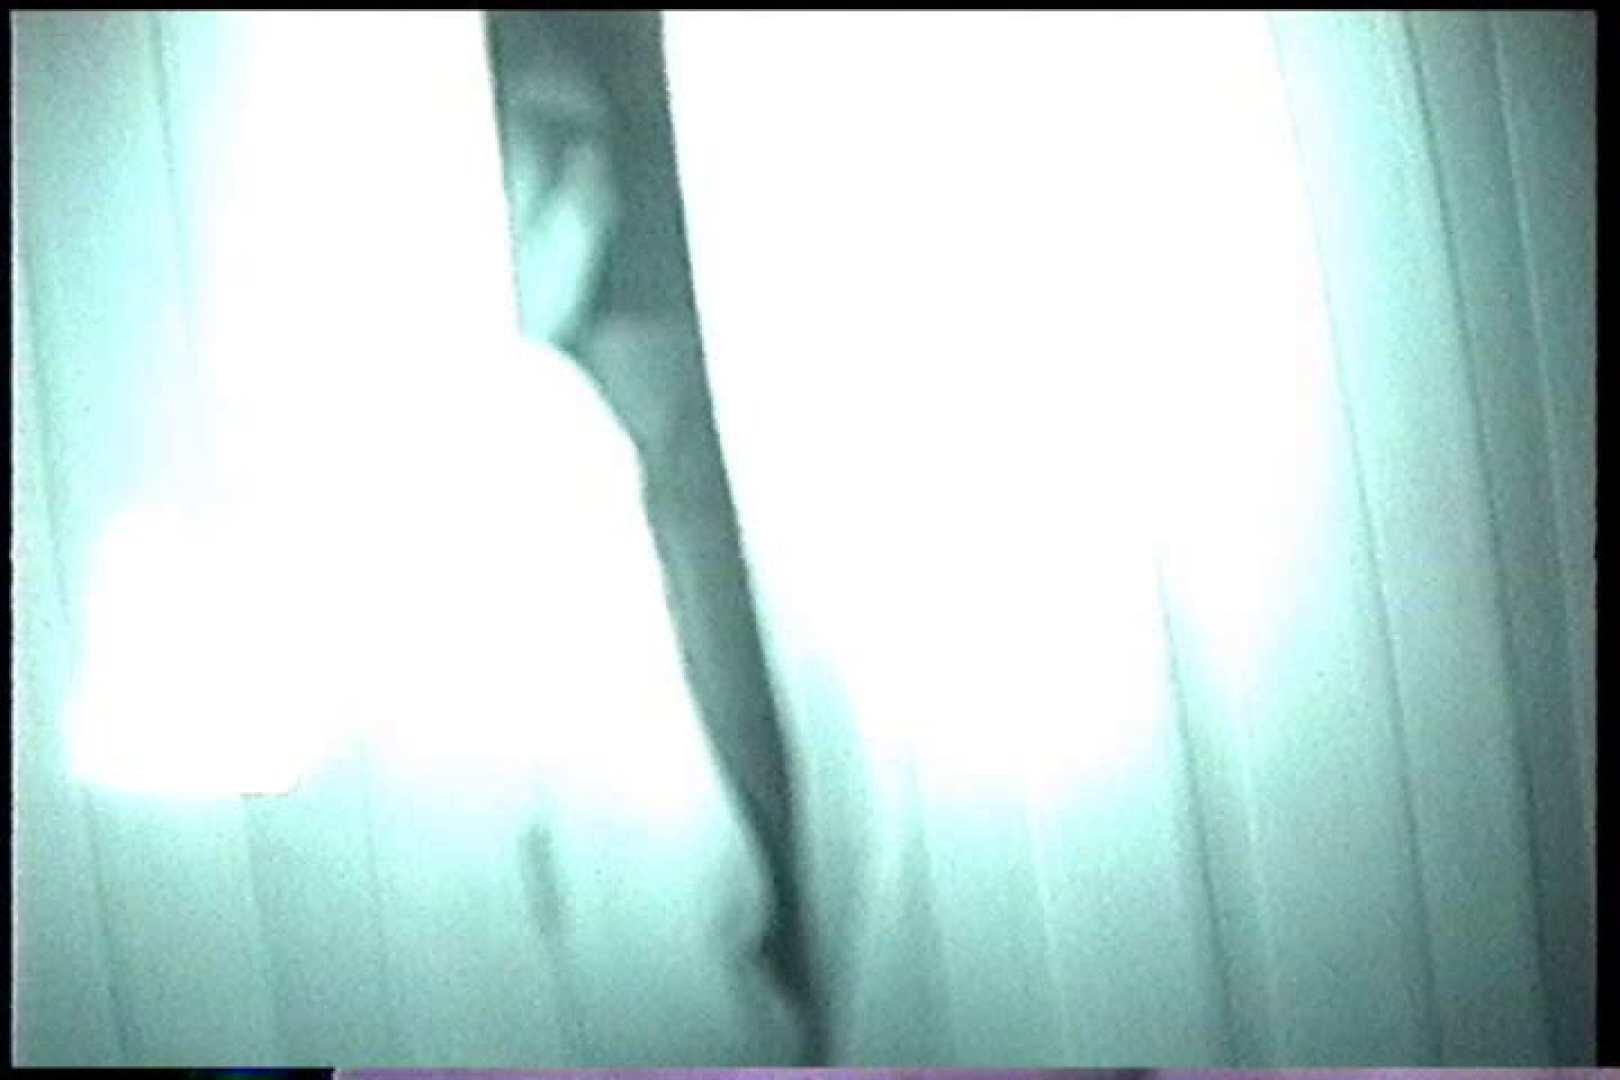 充血監督の深夜の運動会Vol.227 OLエロ画像 のぞきエロ無料画像 69PICs 65